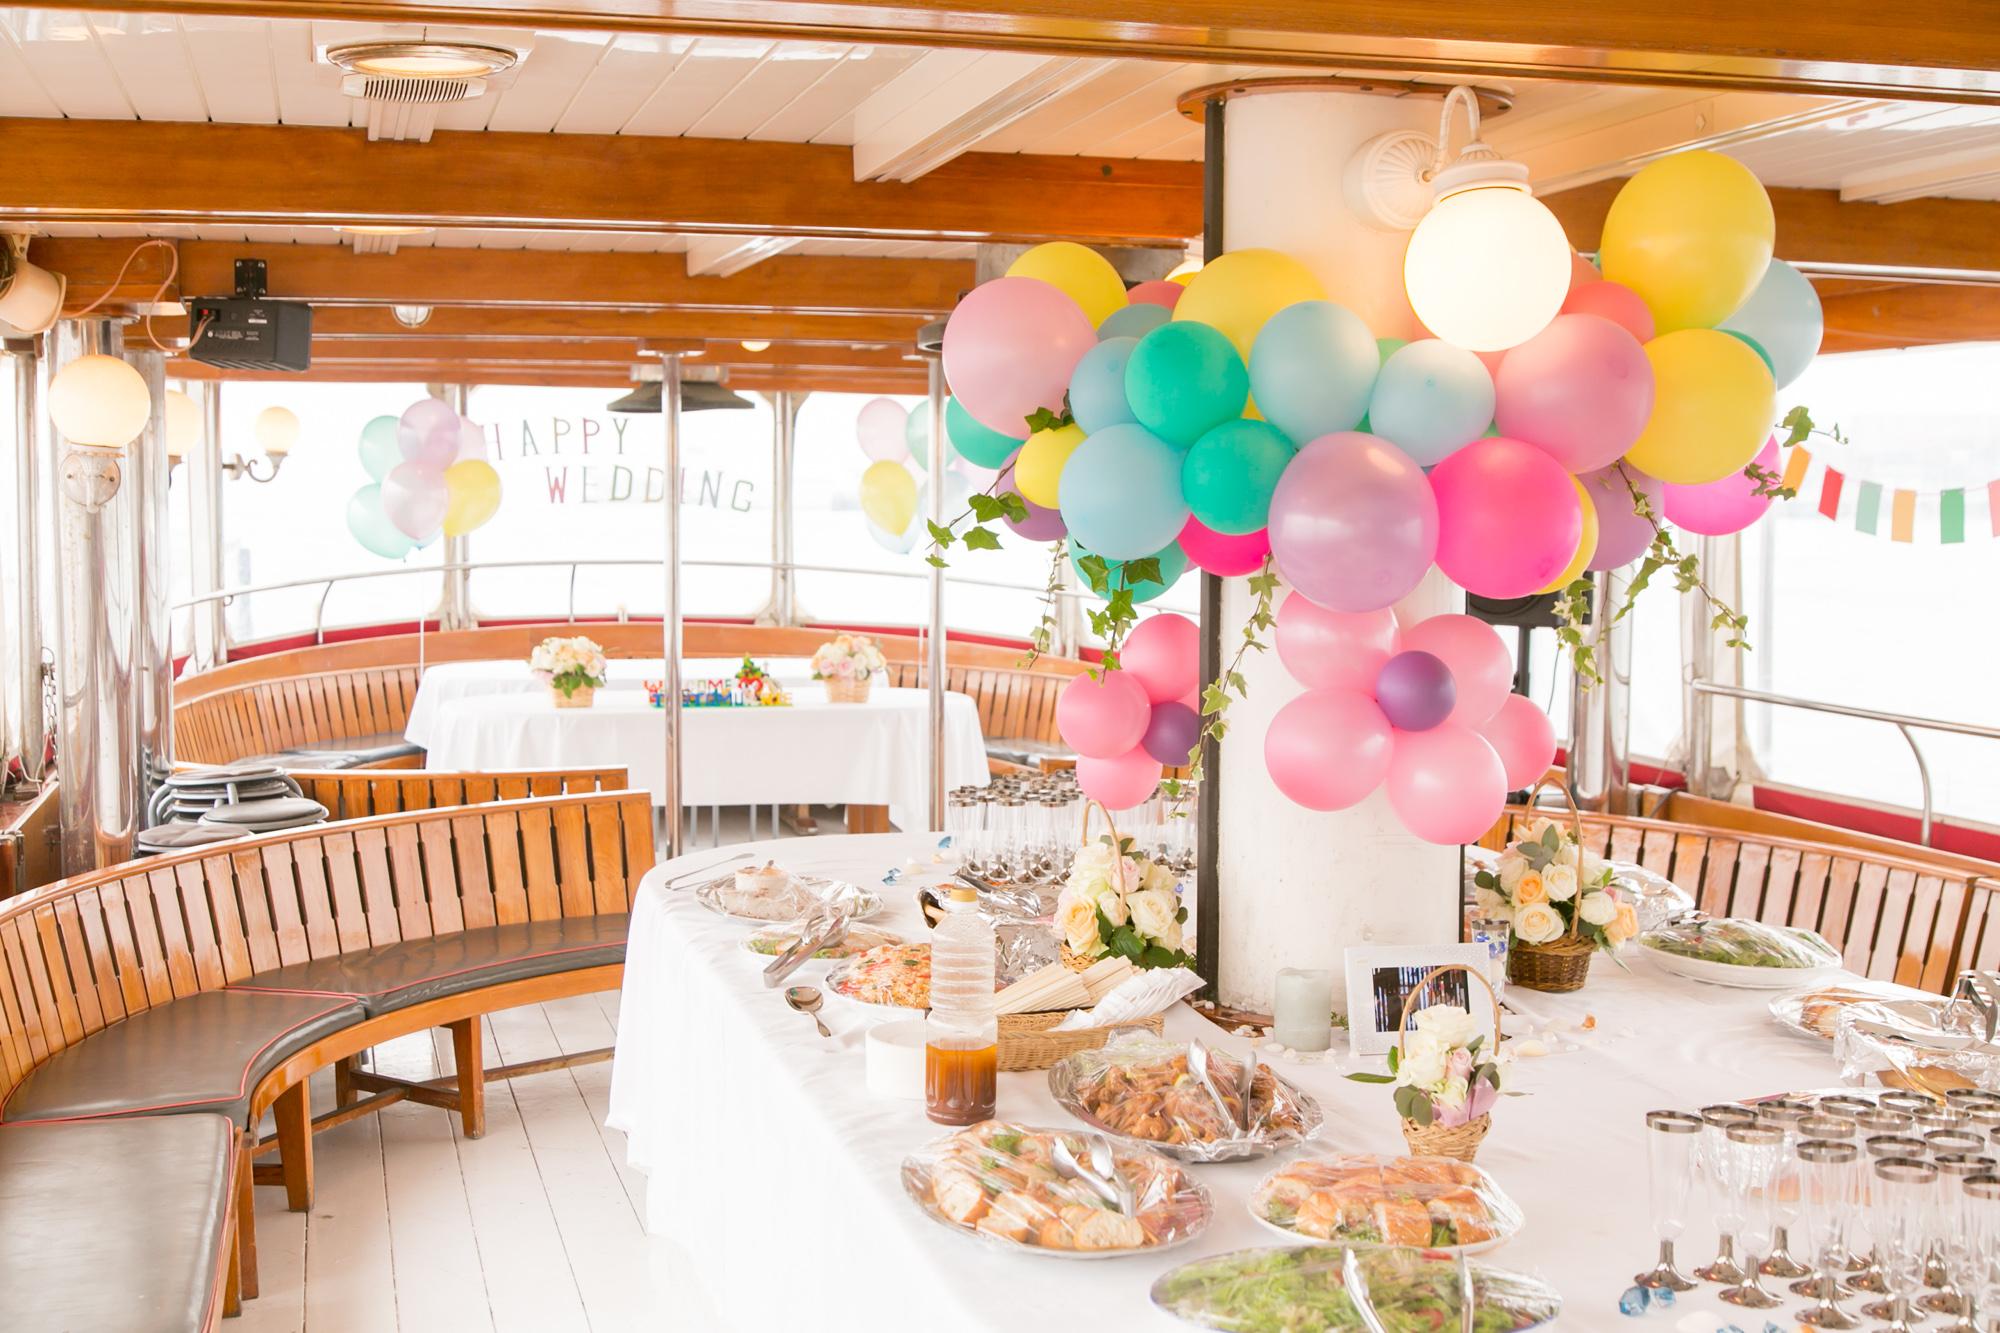 バルーンで装飾された船内のパーティー会場